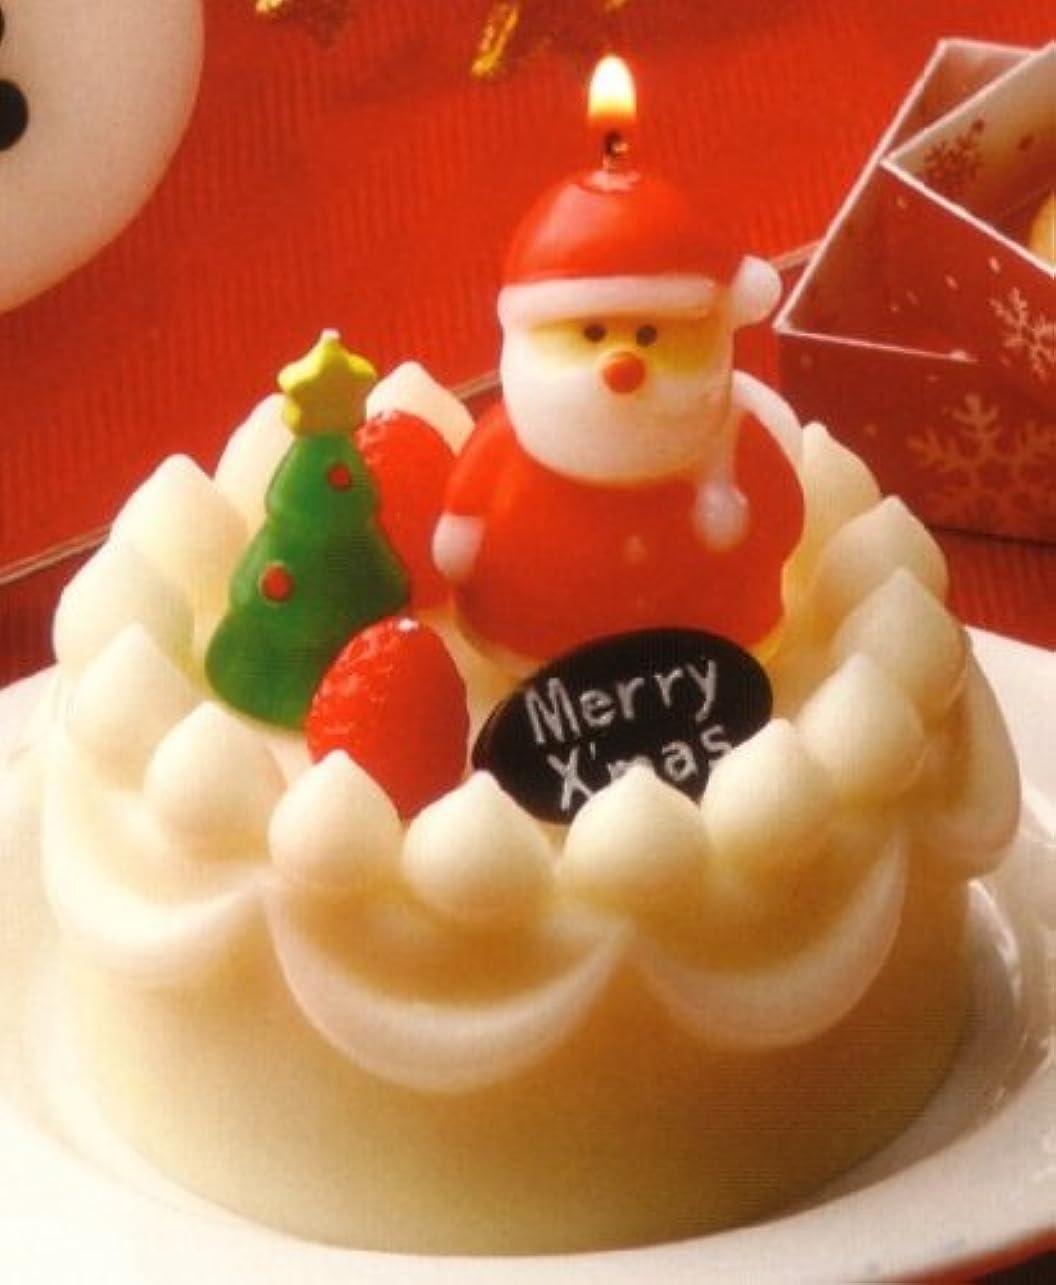 疑い系統的施設クリスマスデコケーキキャンドル サンタ